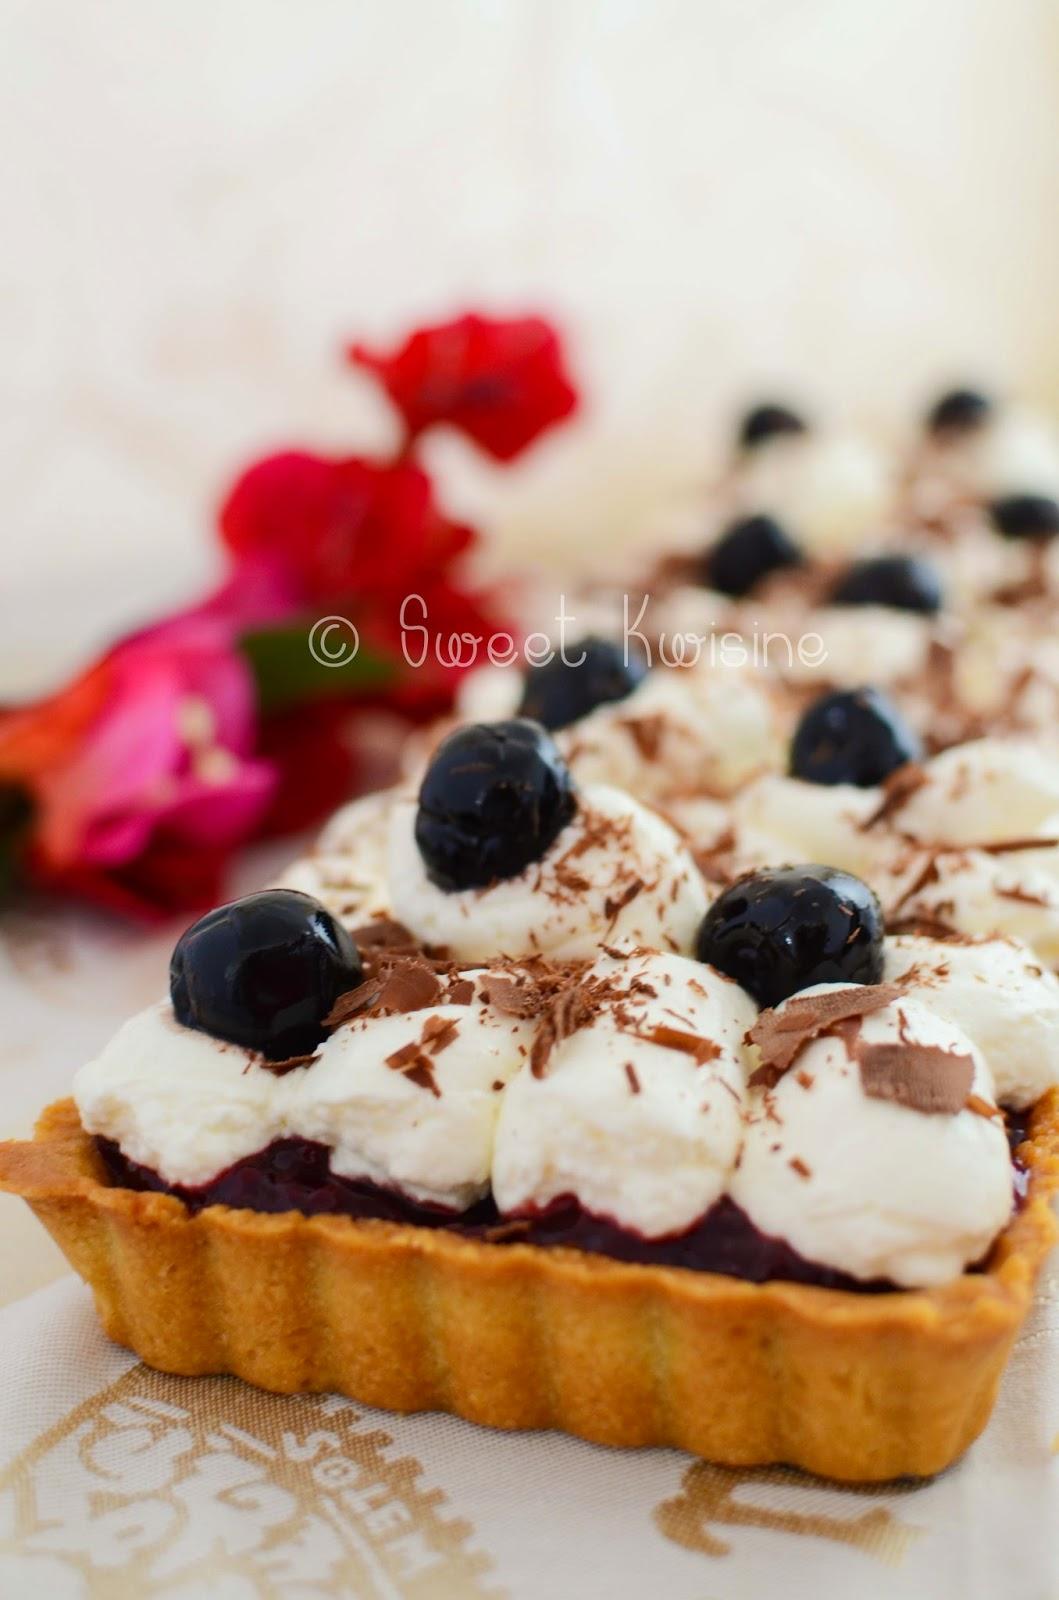 Sweet Kwisine, tarte, forêt noire, cerise, griotte, amarena, chantilly, chocolat, crème d'amandes